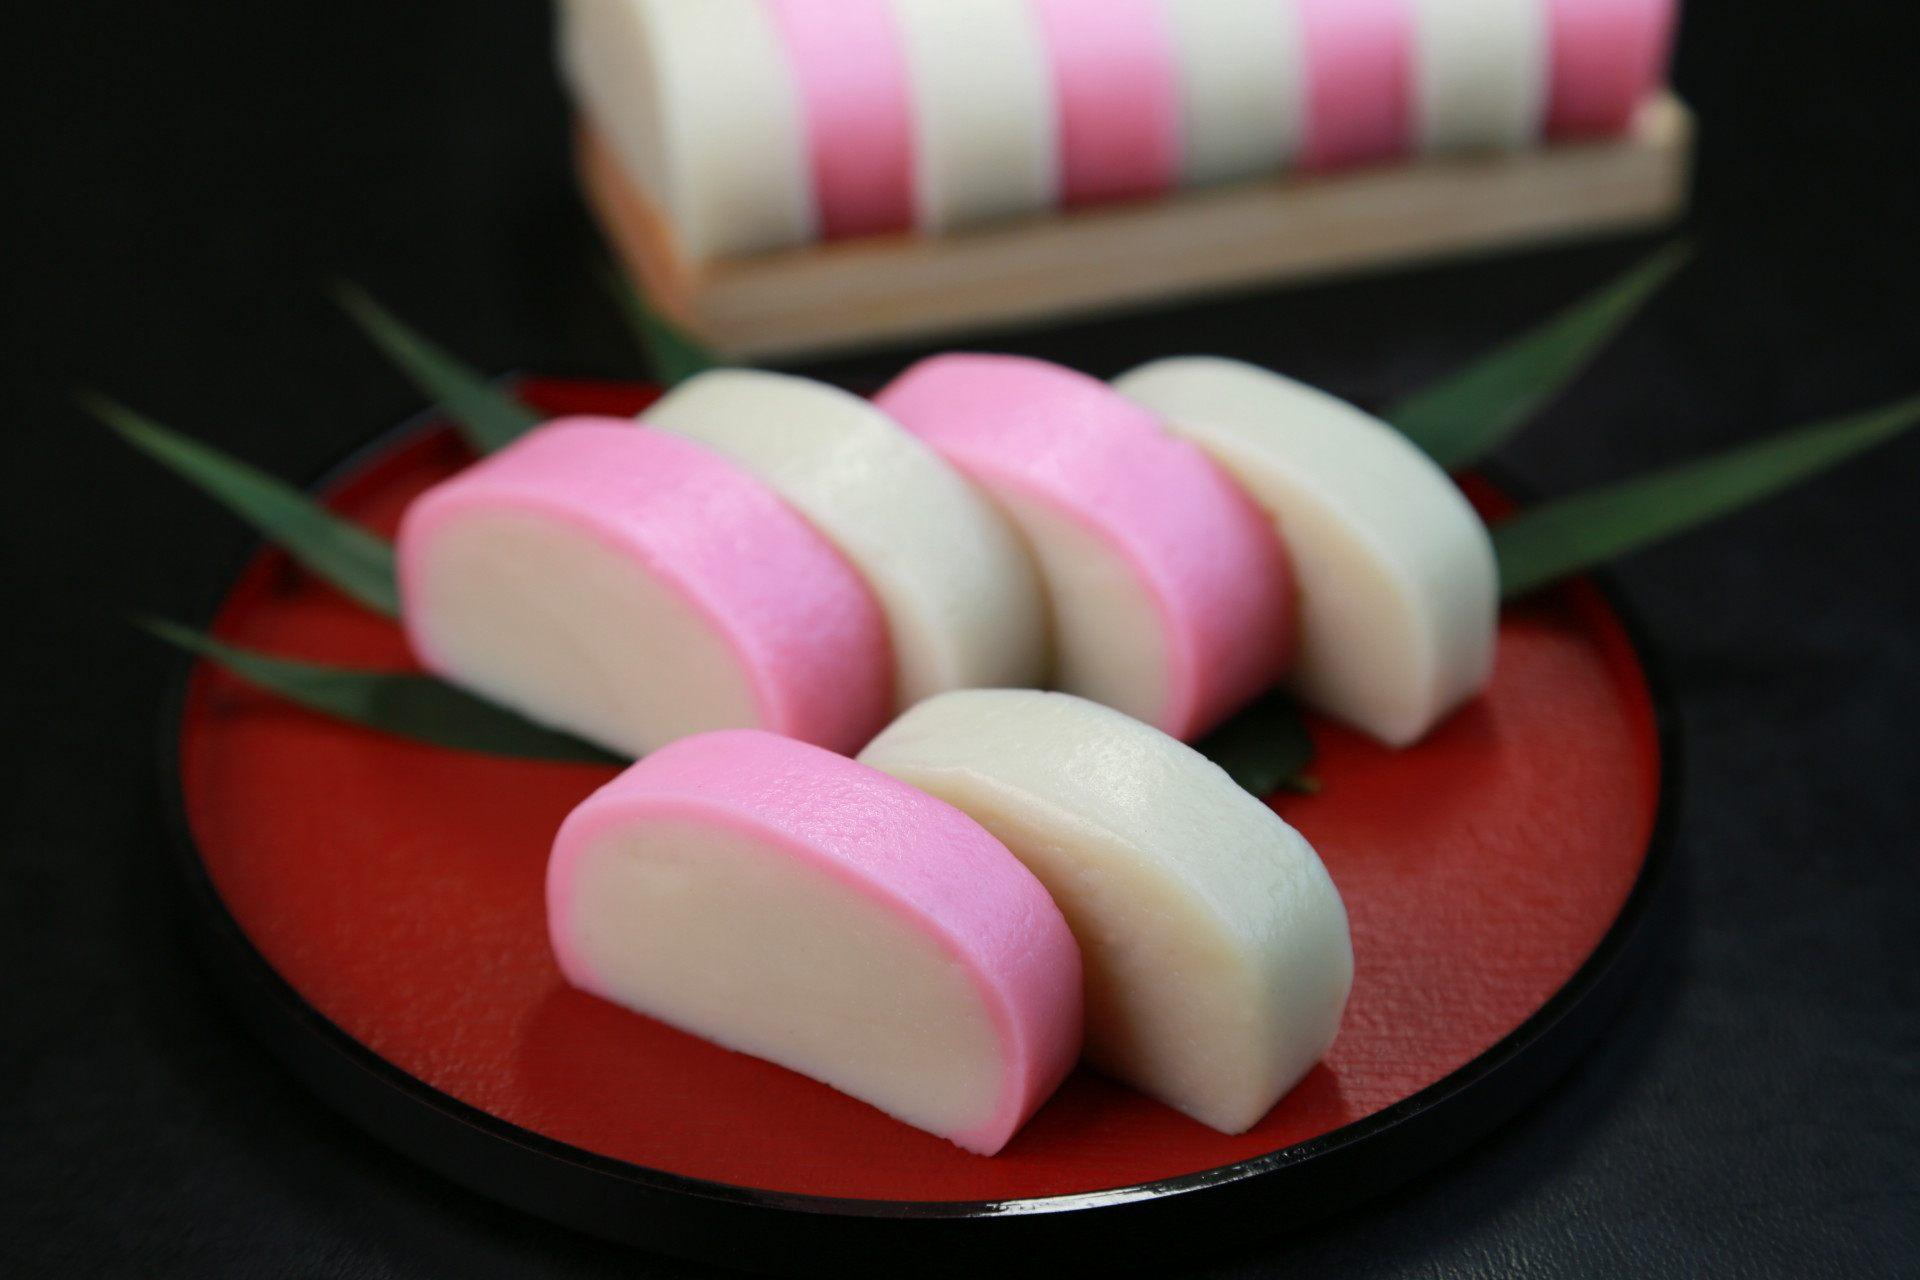 御節料理的代表食材:蒲鉾(紅白魚糕)